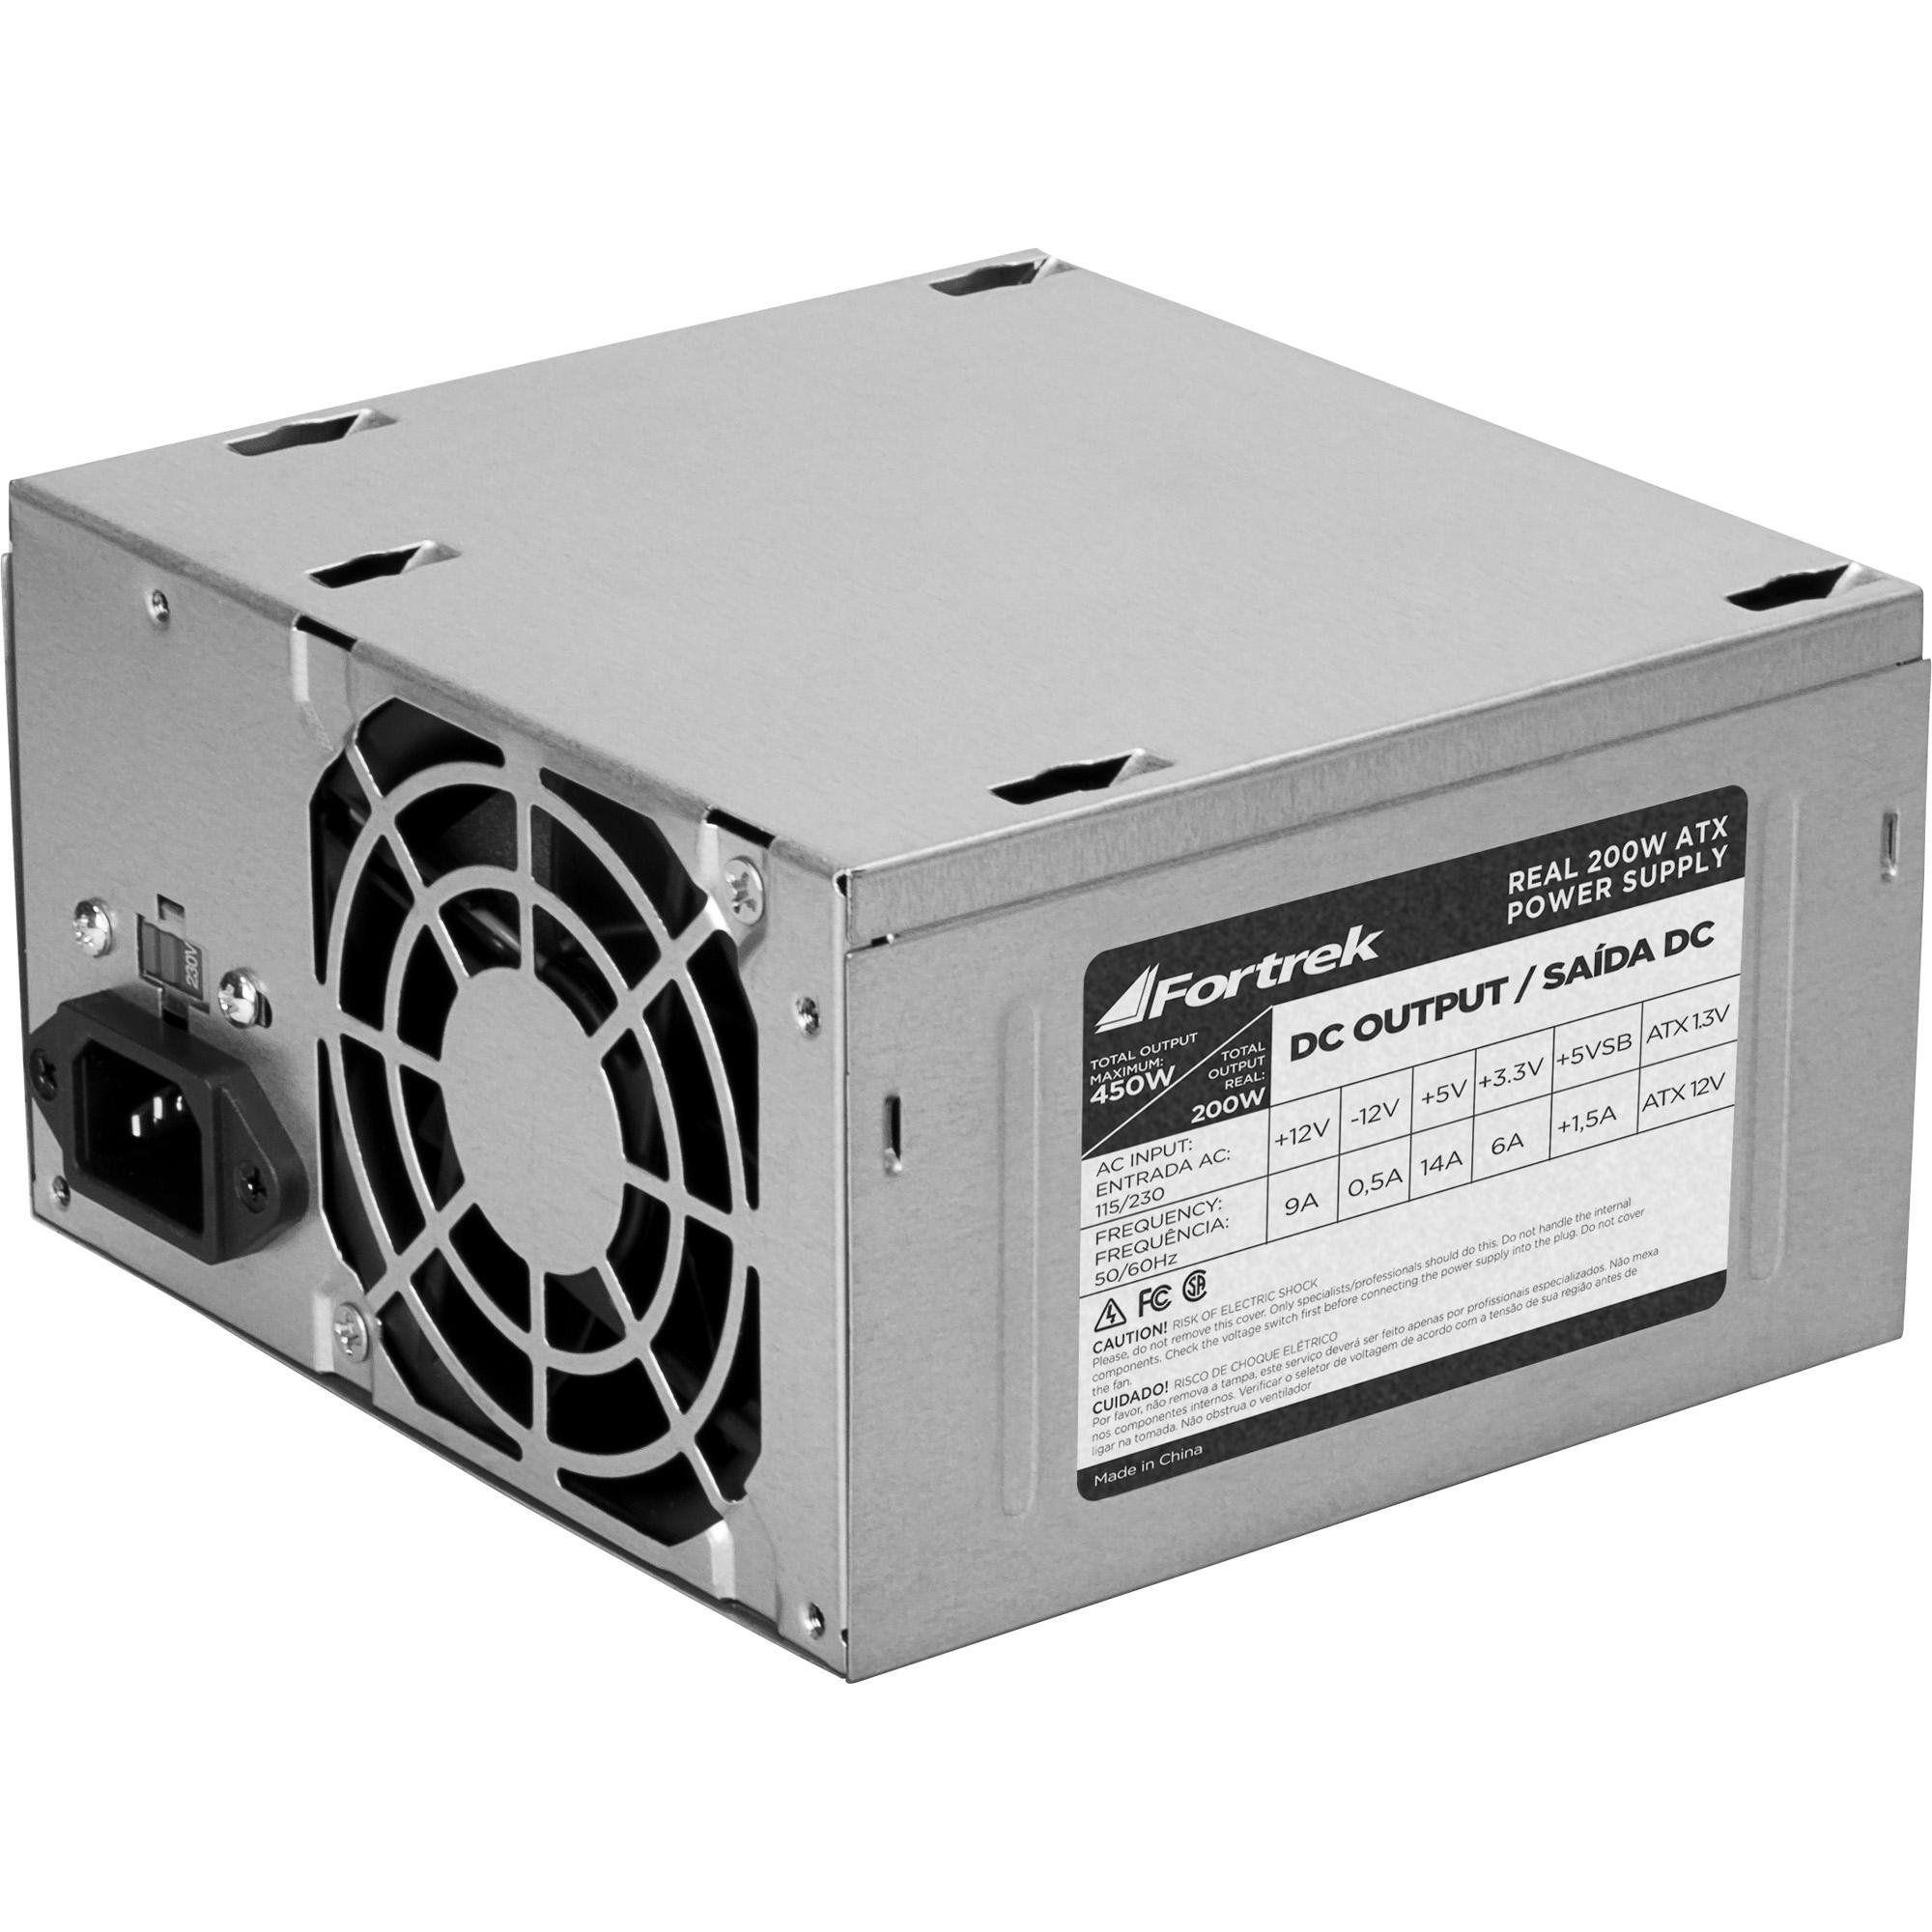 Fonte ATX 450W (200W Real) nova com garantia 20+4p Fortrek